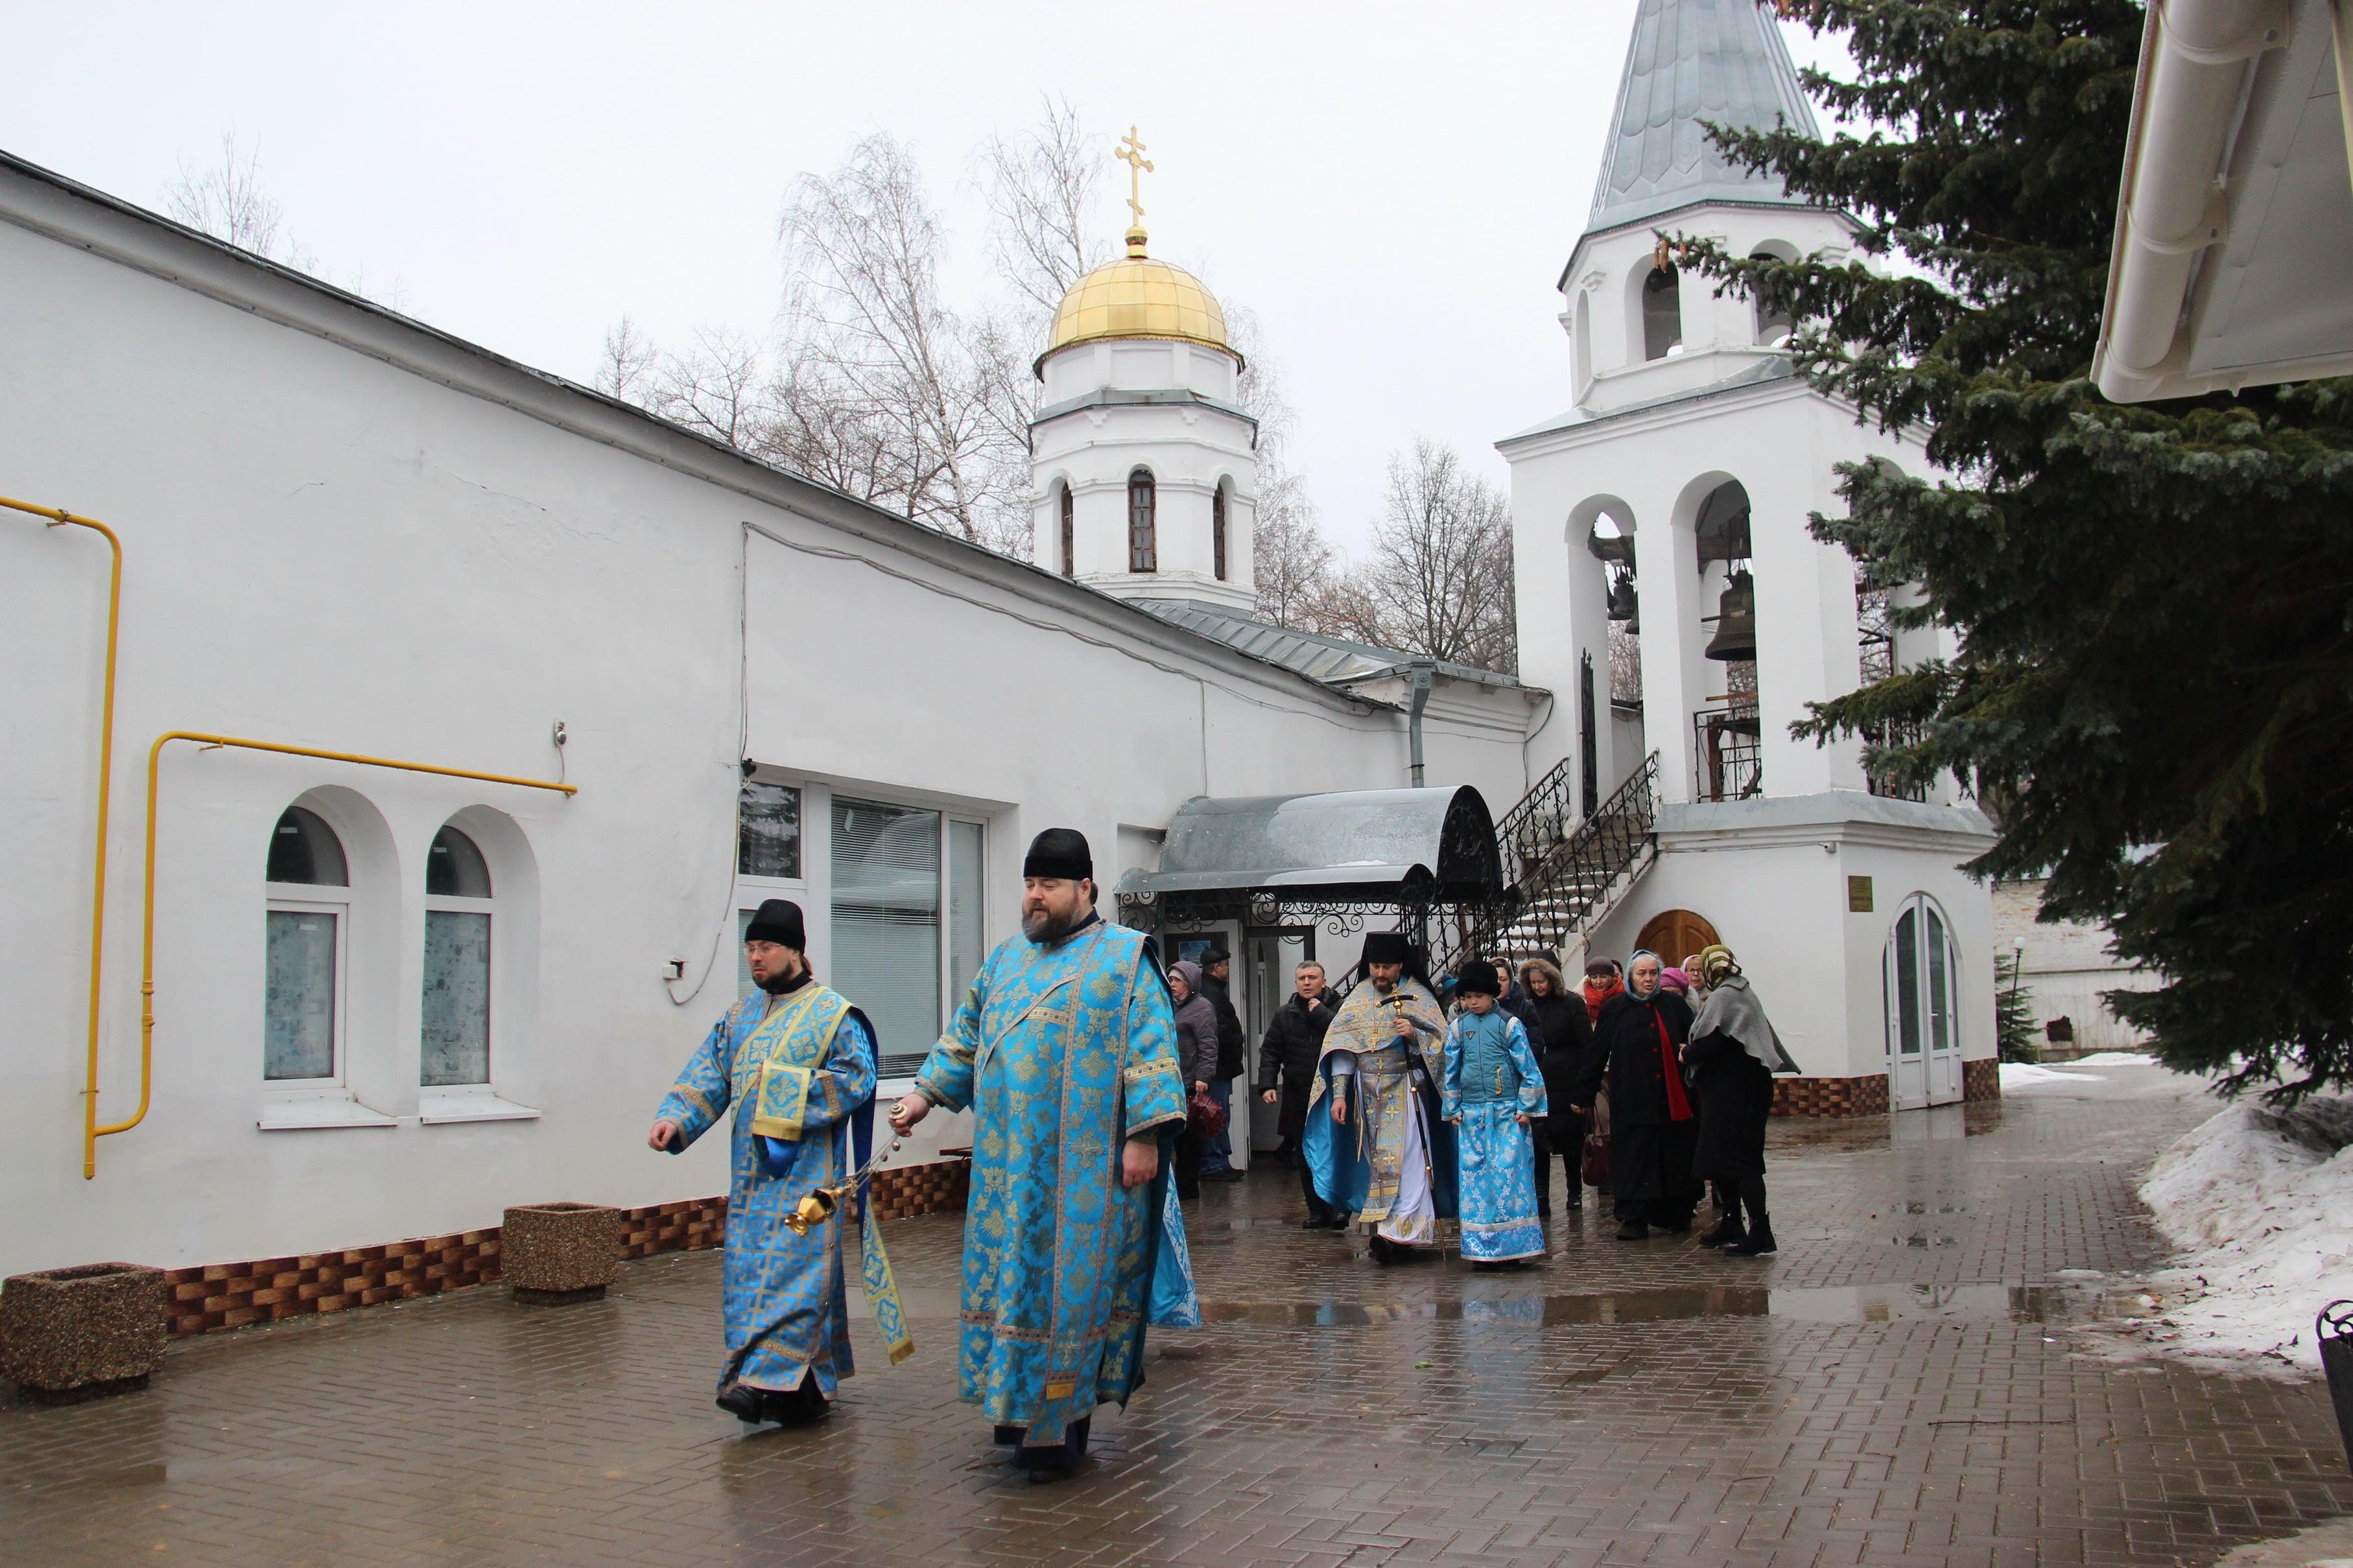 http://monuspen.ru/photoreports/cfb6a29ae0d6f6a8689fb40423a26bg4.JPG